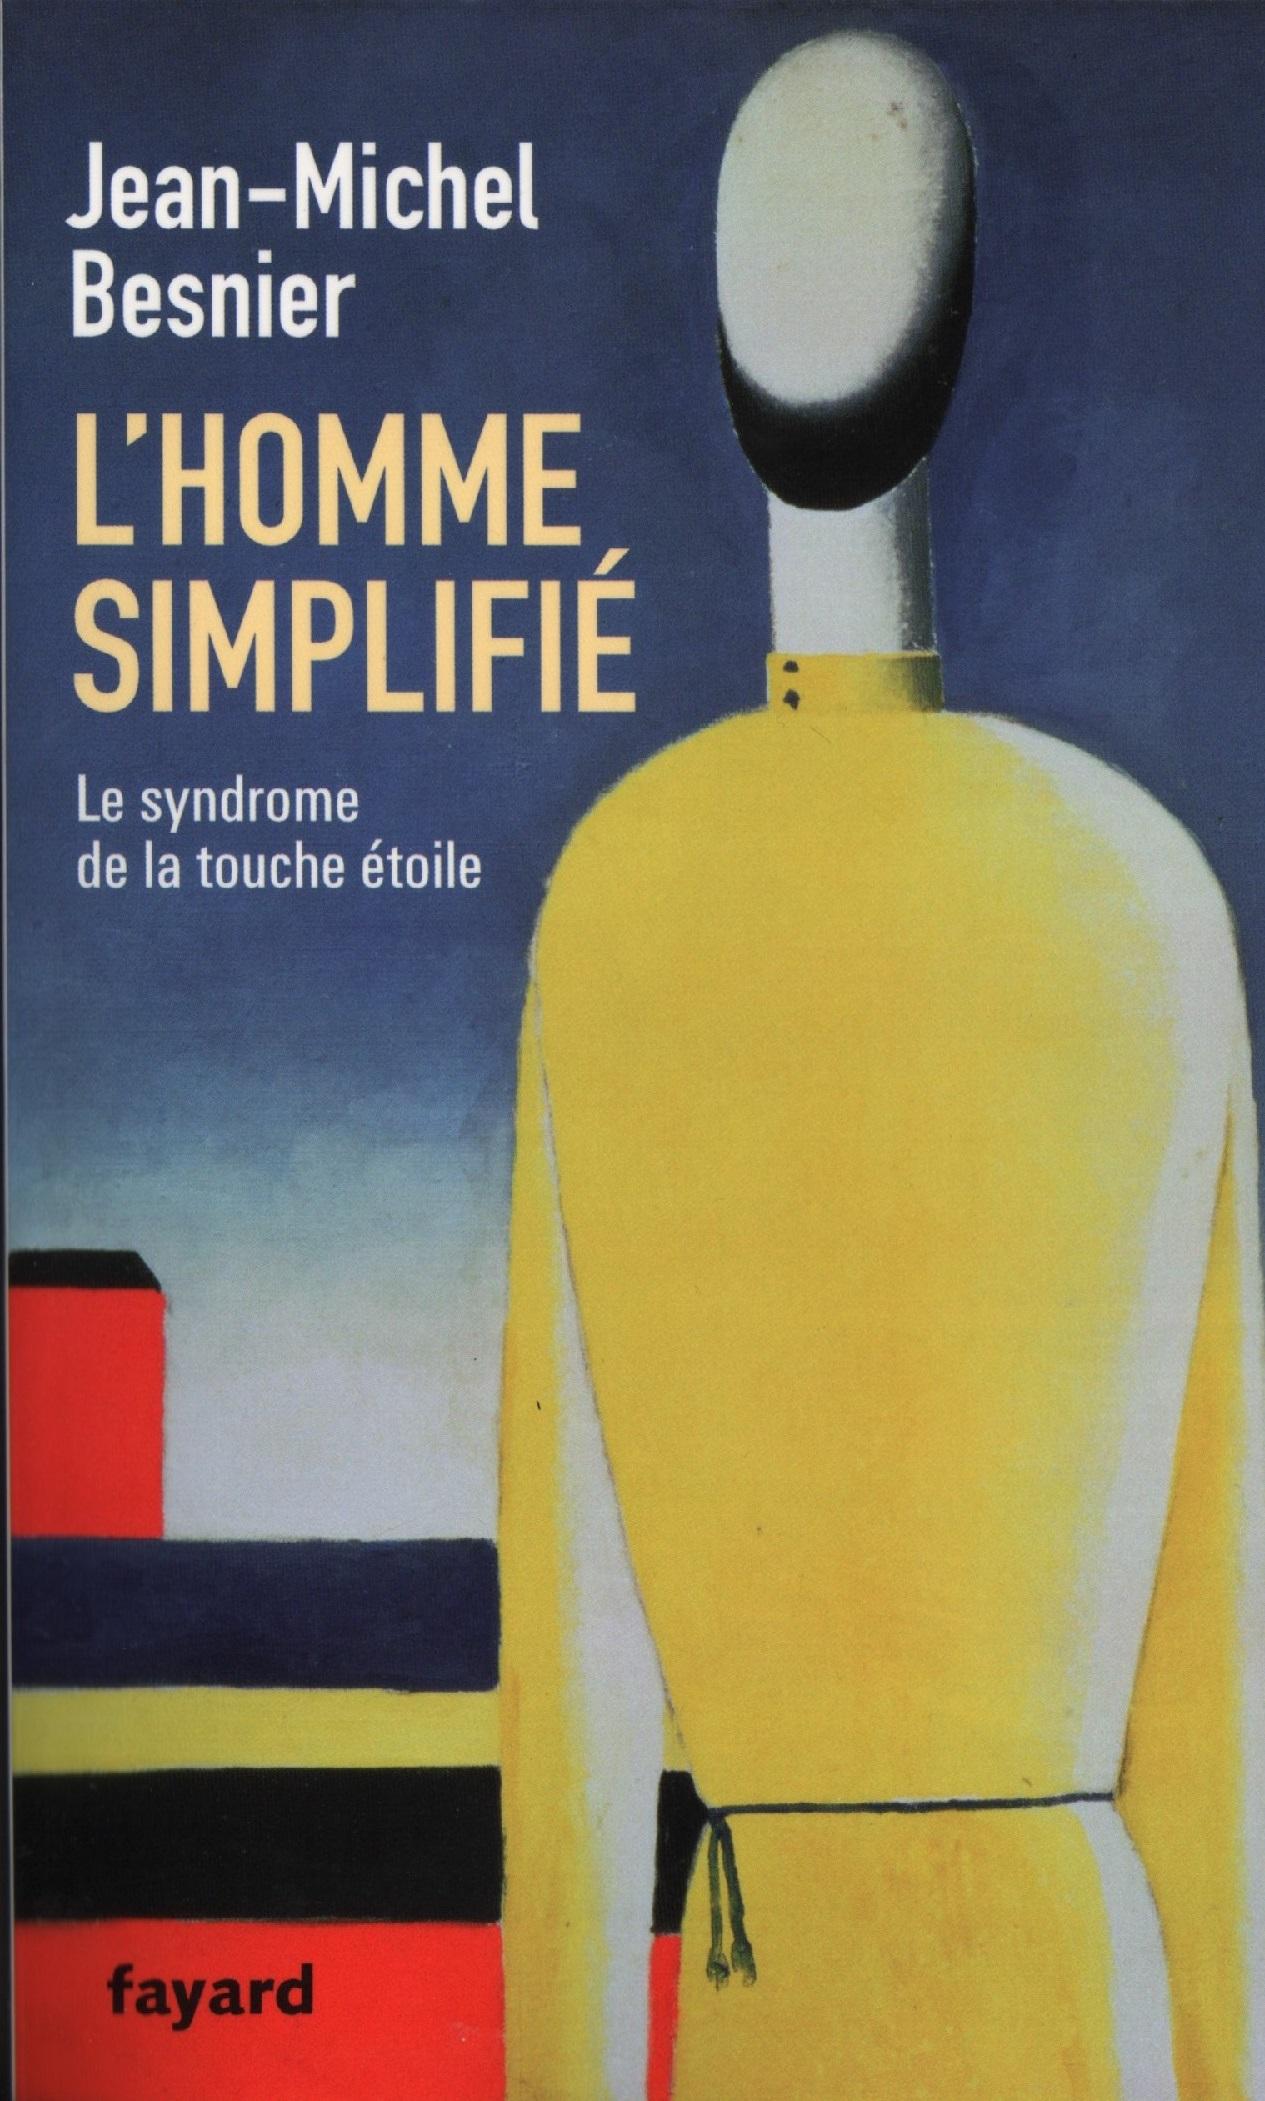 besnier_-_l_homme_simplifie.jpg